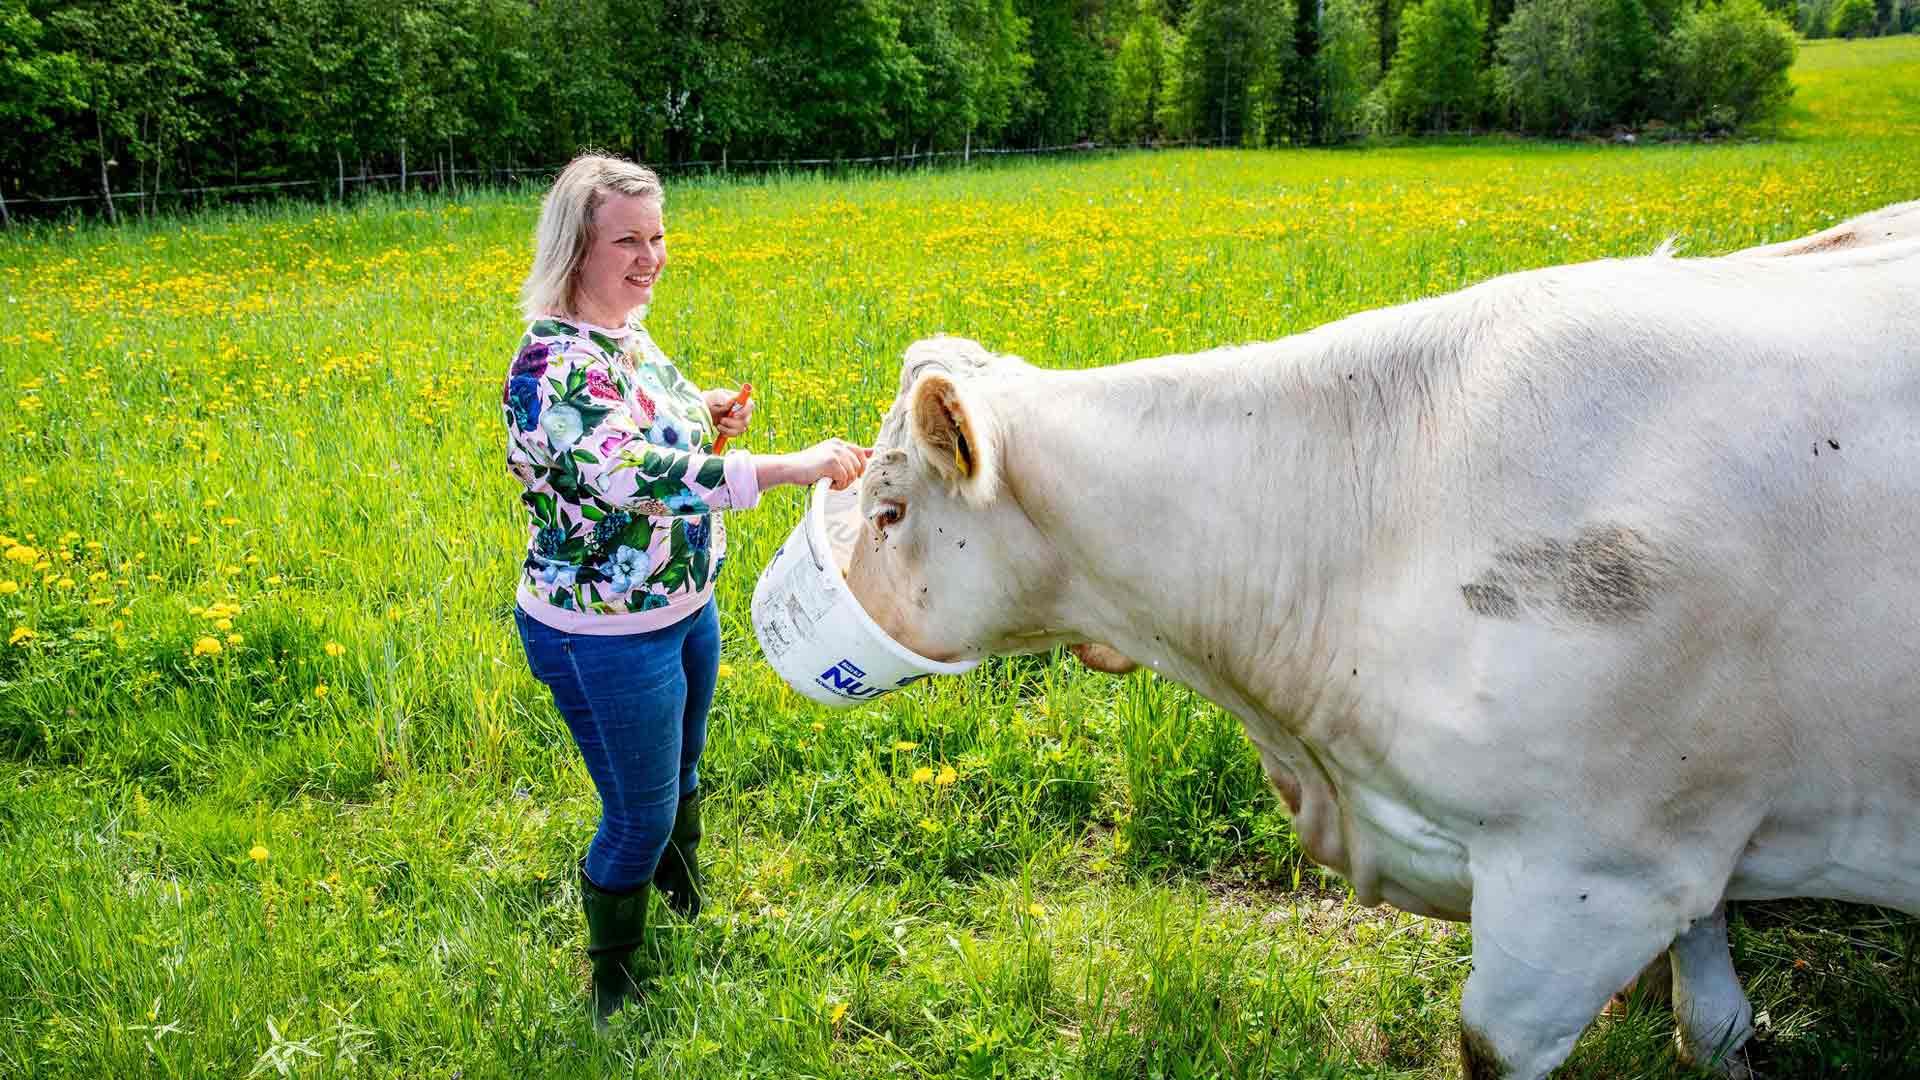 Anna Siiriäinen antaa nurmella laiduntavalle karjalleen silloin tällöin makupalaksi viljaa, joka on niiden herkkua. Tilalla ei käytetä lainkaan ostorehua. Sato menee omien eläinten ravinnoksi.